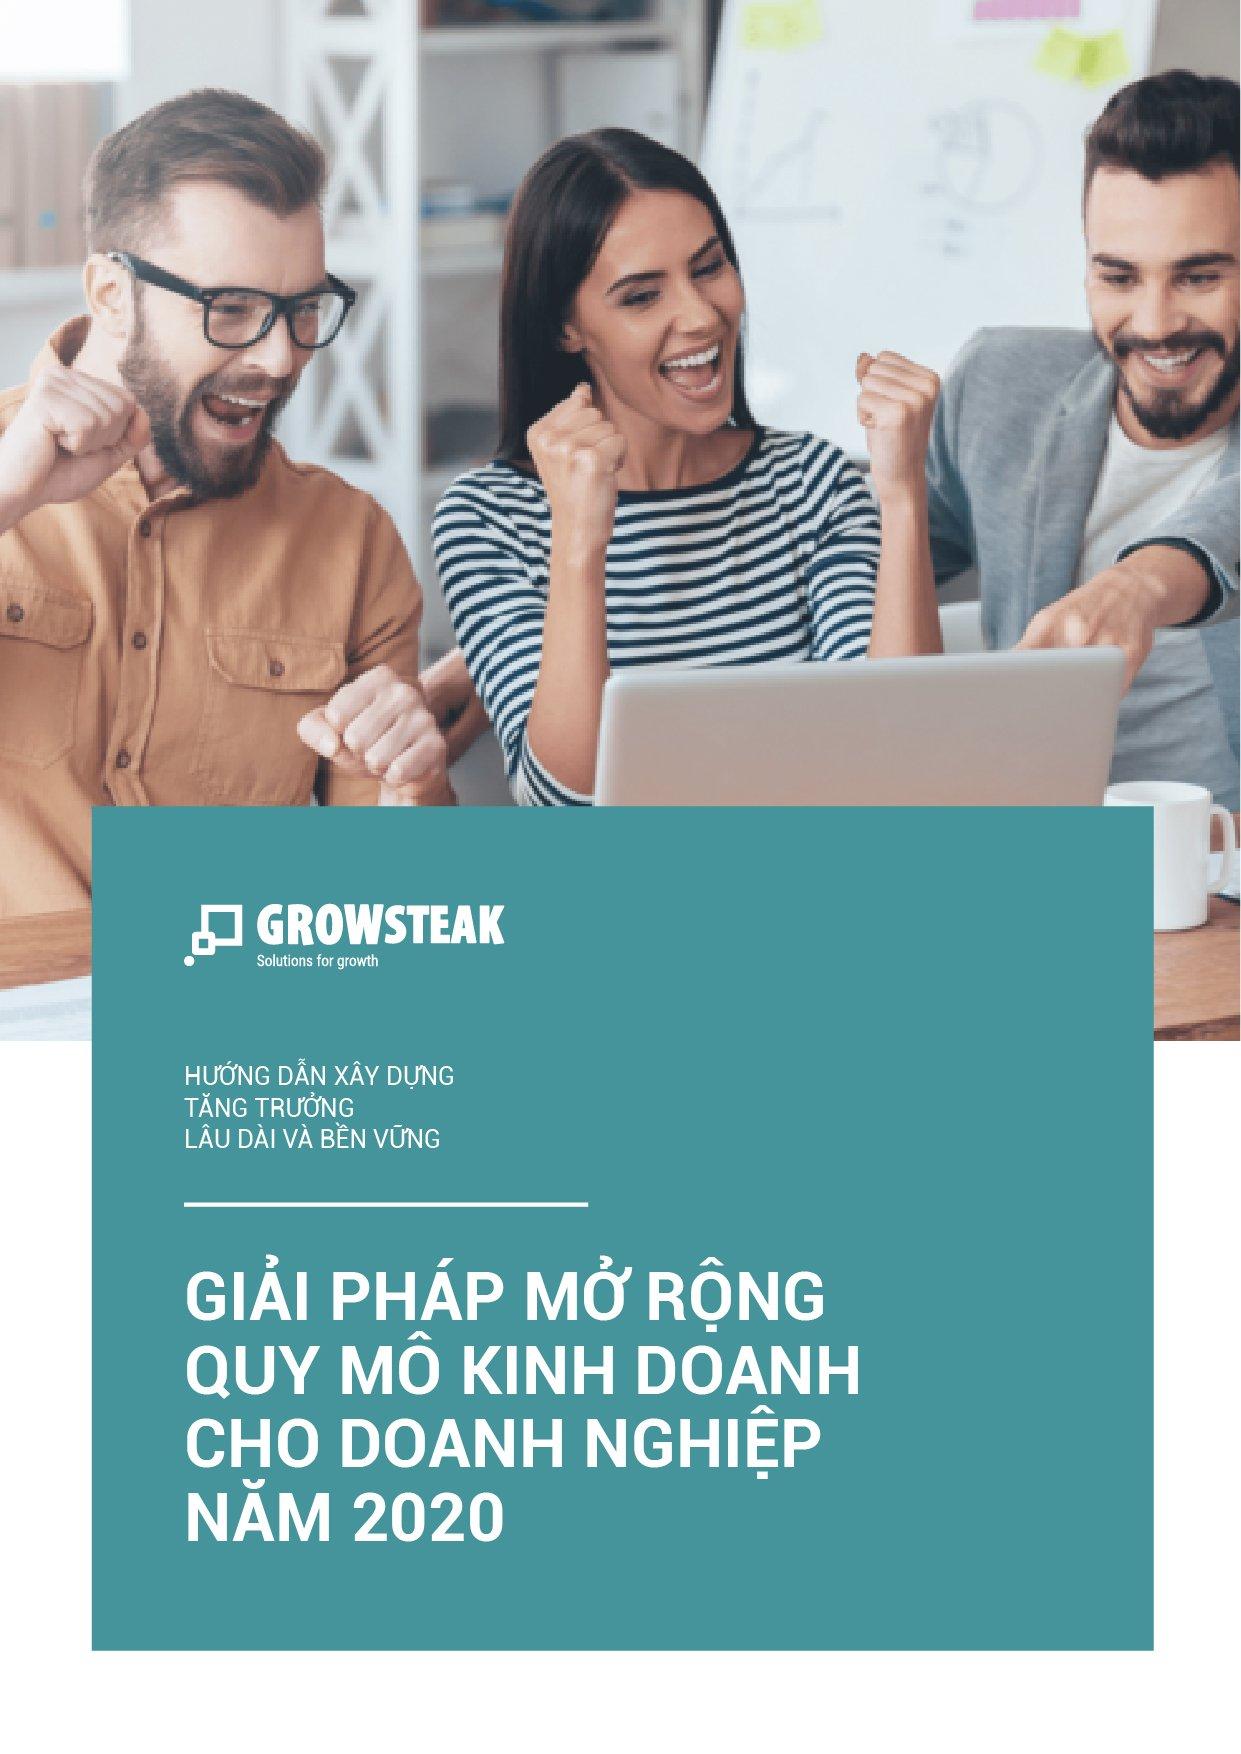 [EBOOK] Giải pháp mở rộng quy mô kinh doanh cho doanh nghiệp năm 2020-01